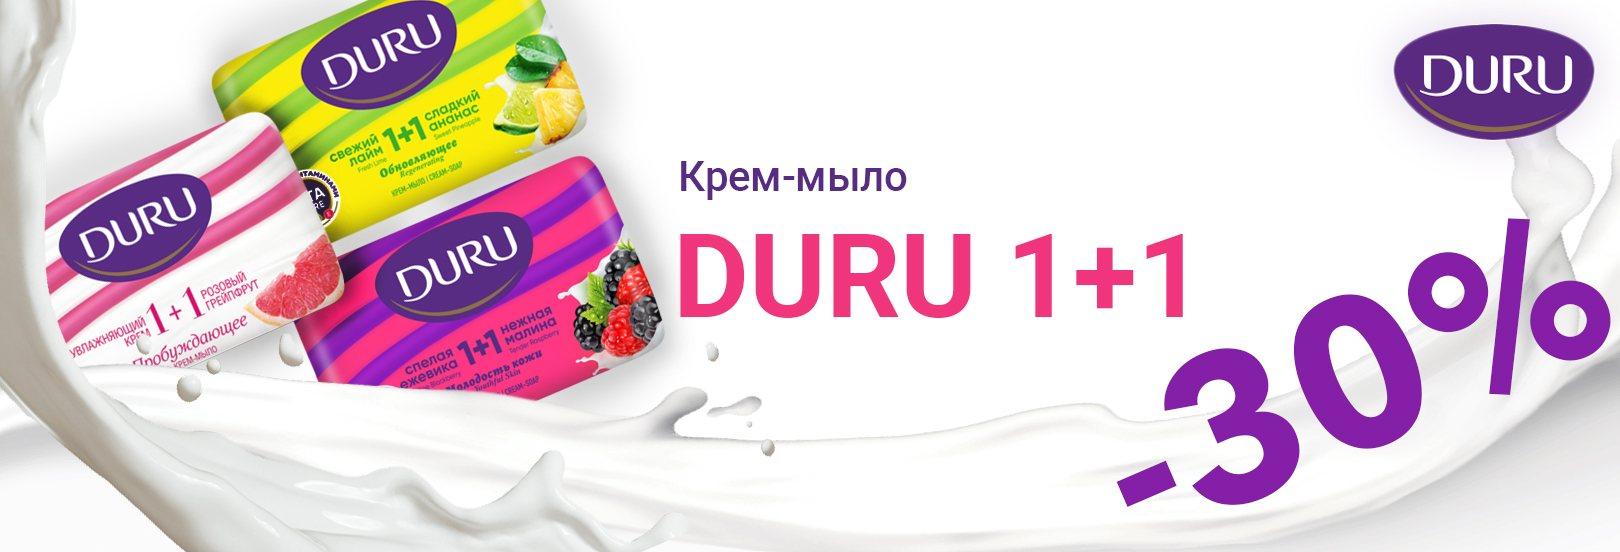 # свежесть с DURU